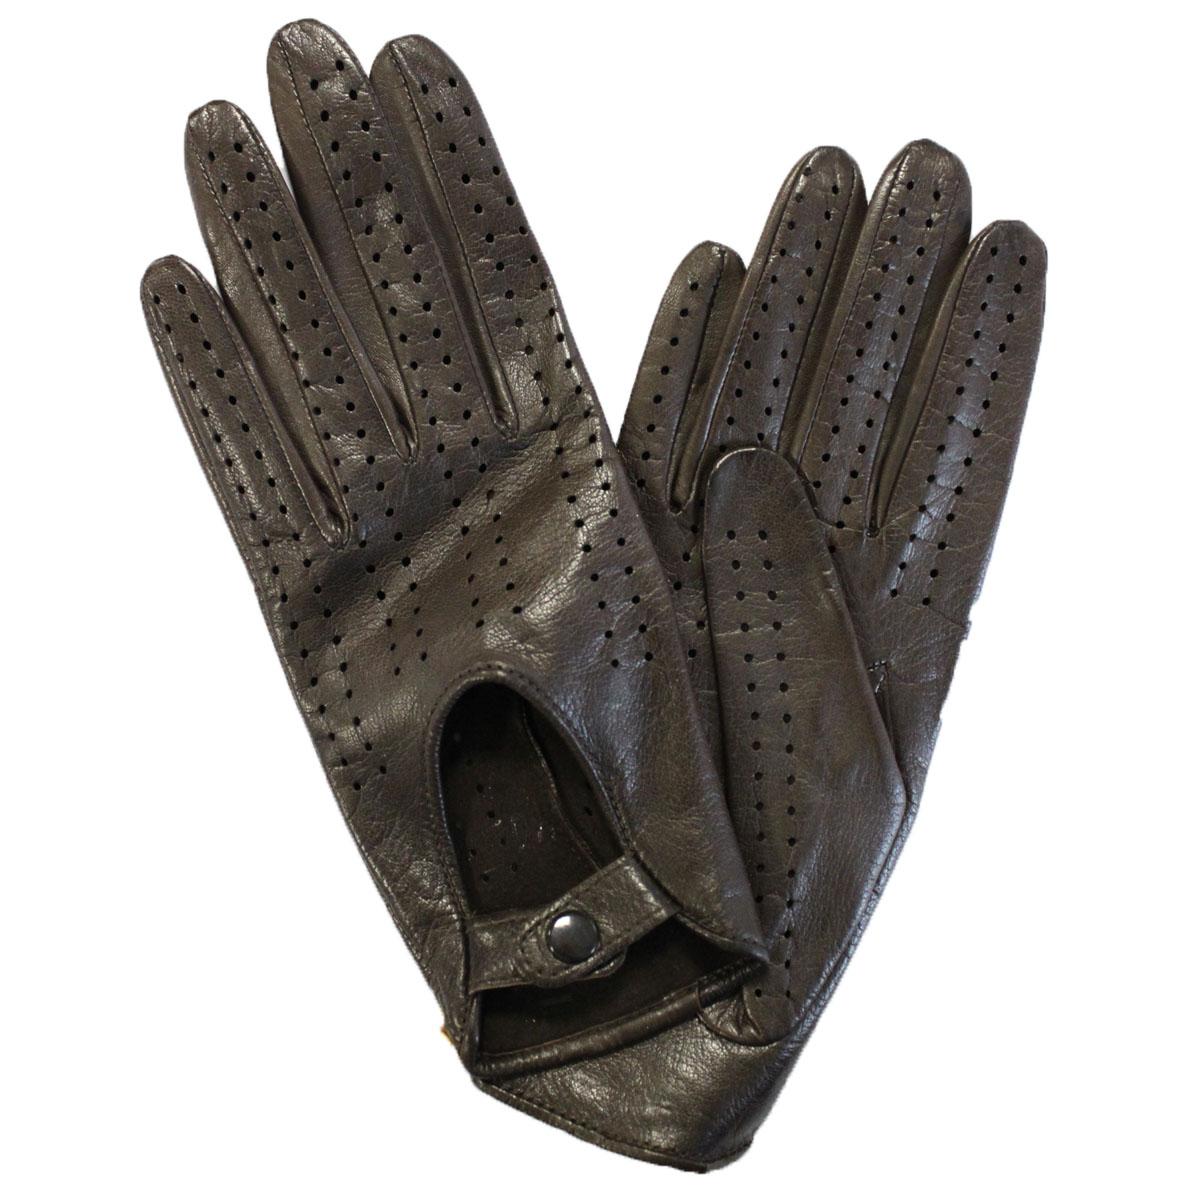 Э-20L_242Стильные перчатки Edmins без подкладки выполнены из мягкой и приятной на ощупь натуральной кожи ягненка. Такие перчатки станут отличным дополнением к вашему образу. На внешней стороне перчатки сделана выемка, которая застегивается на кнопку. Вся поверхность перчатки декорирована перфорацией.